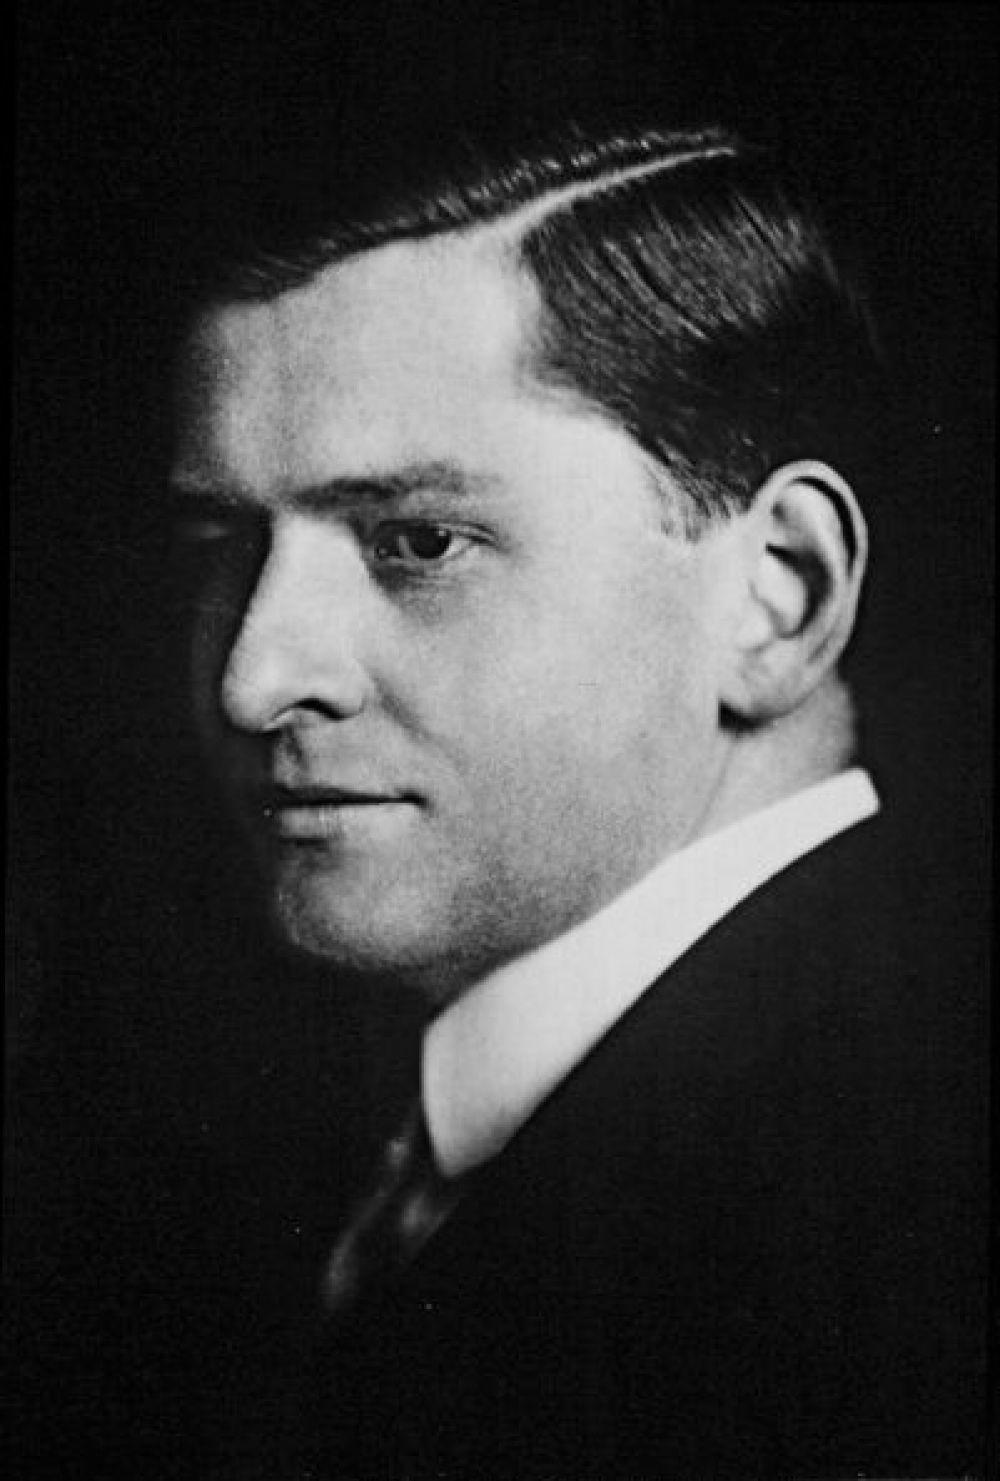 Рихард Кун, немецкий химик. Не присутствовал на церемонии вручения Нобелевской премии по химии в 1938 году из-за запрета Гитлера. После войны получил диплом и медаль, денежная награда осталась в фонде.